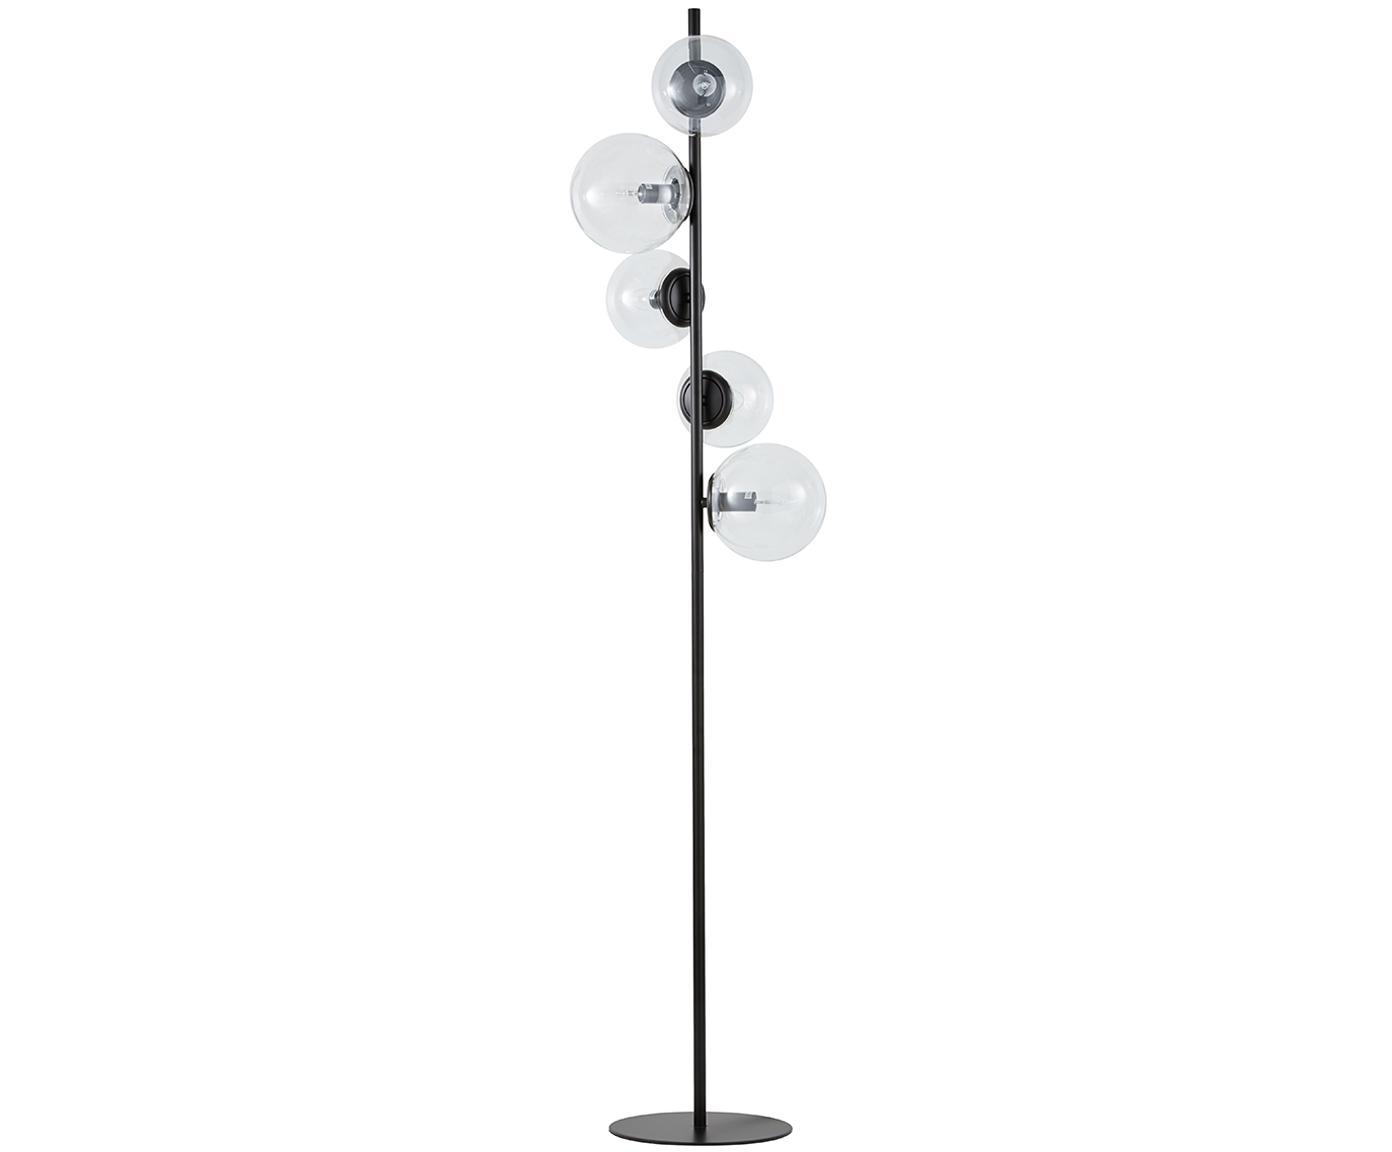 Stehlampe Casey, Schwarz, H 170 cm